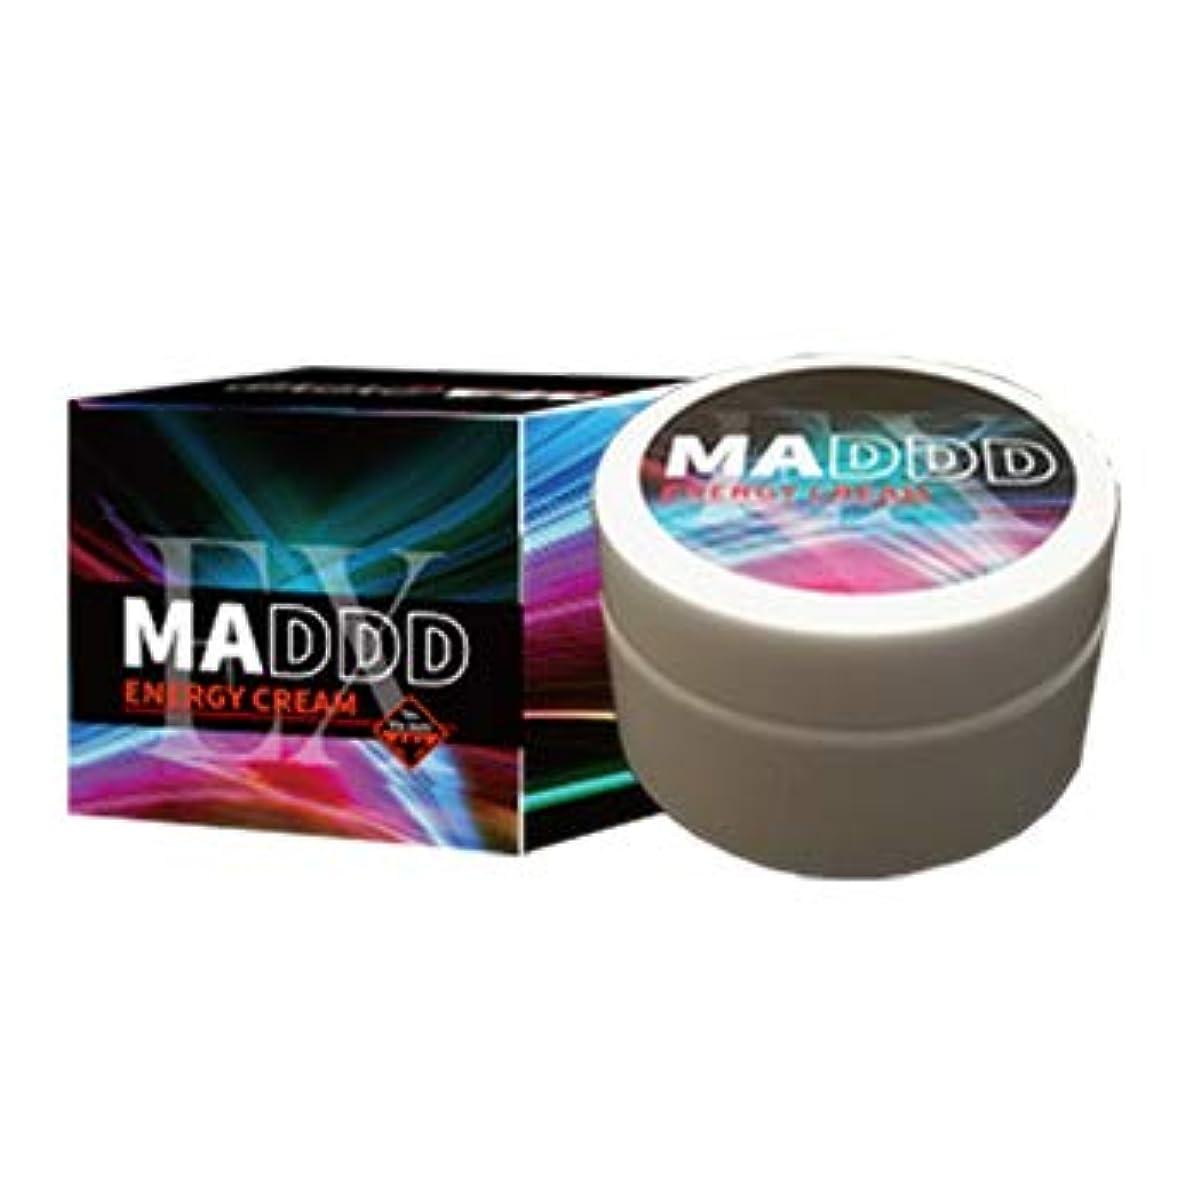 懐疑的理容師超越するMADDD EX 増大クリーム 自信 持続力 厳選成分 50g (大人気3個セット)